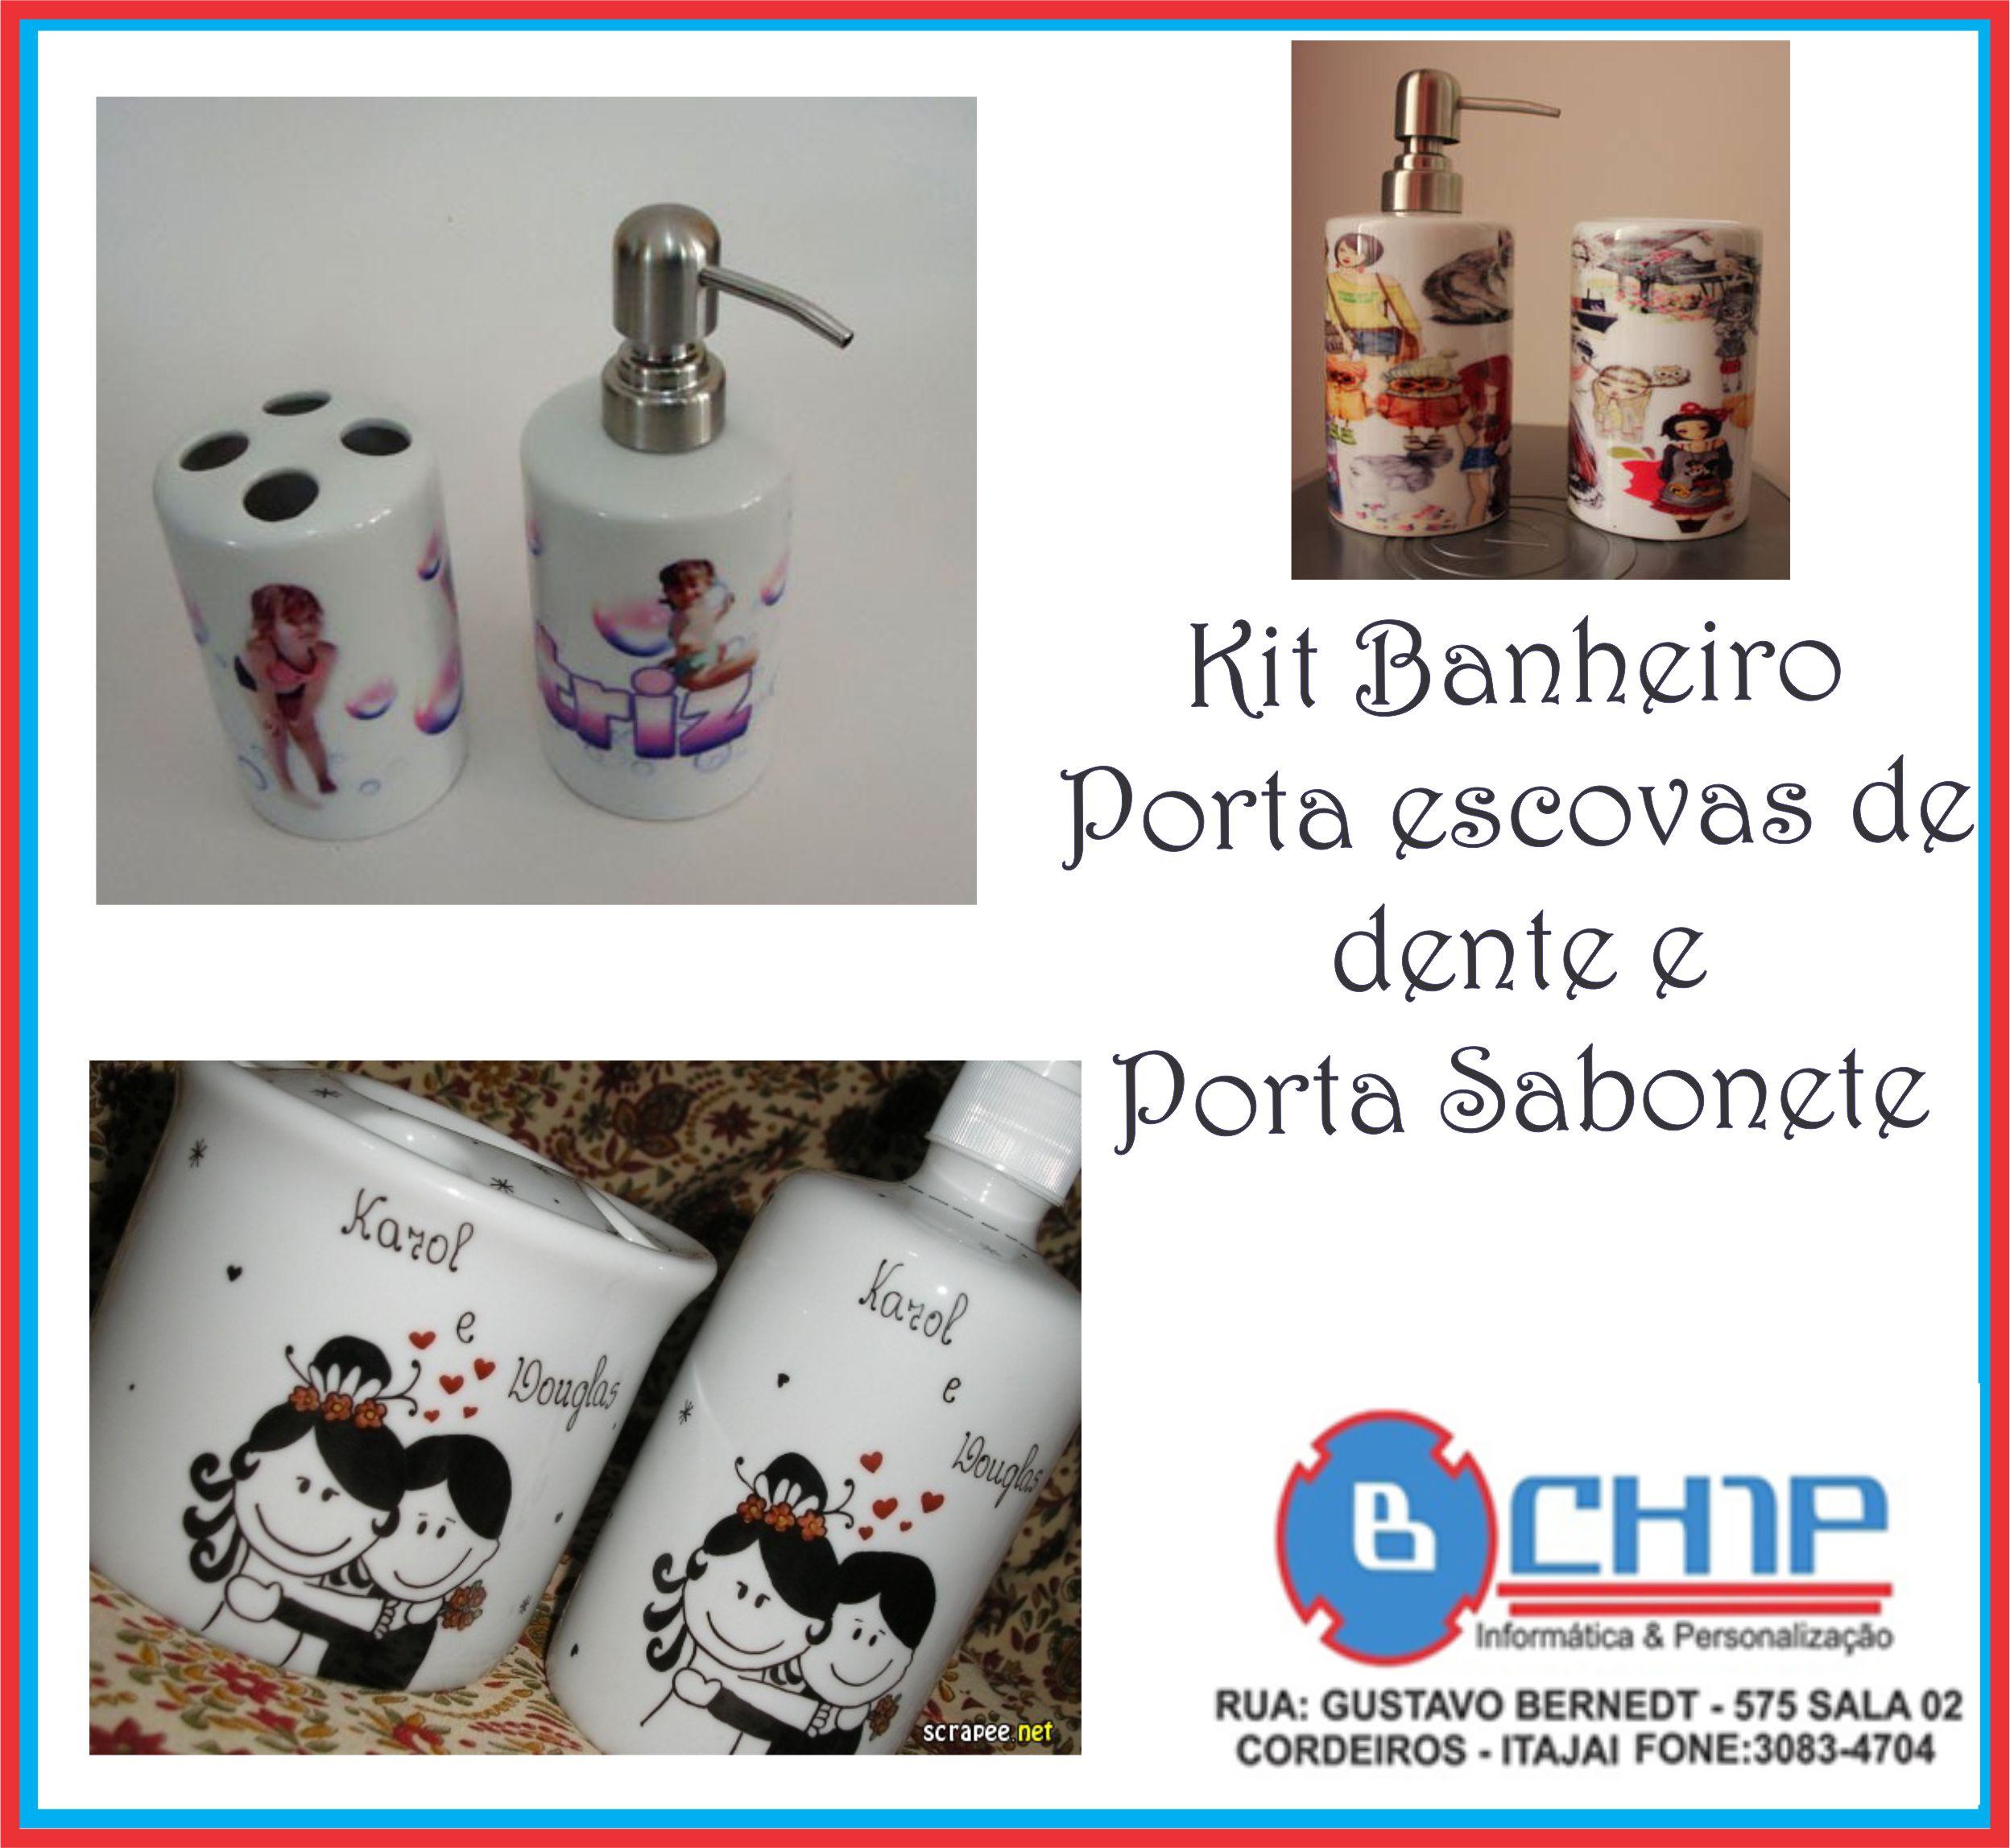 Kit Banheiro em Porcelana Bchip Informática & Personalização #0A8DC1 2496x2295 Acessorios Banheiro Leroy